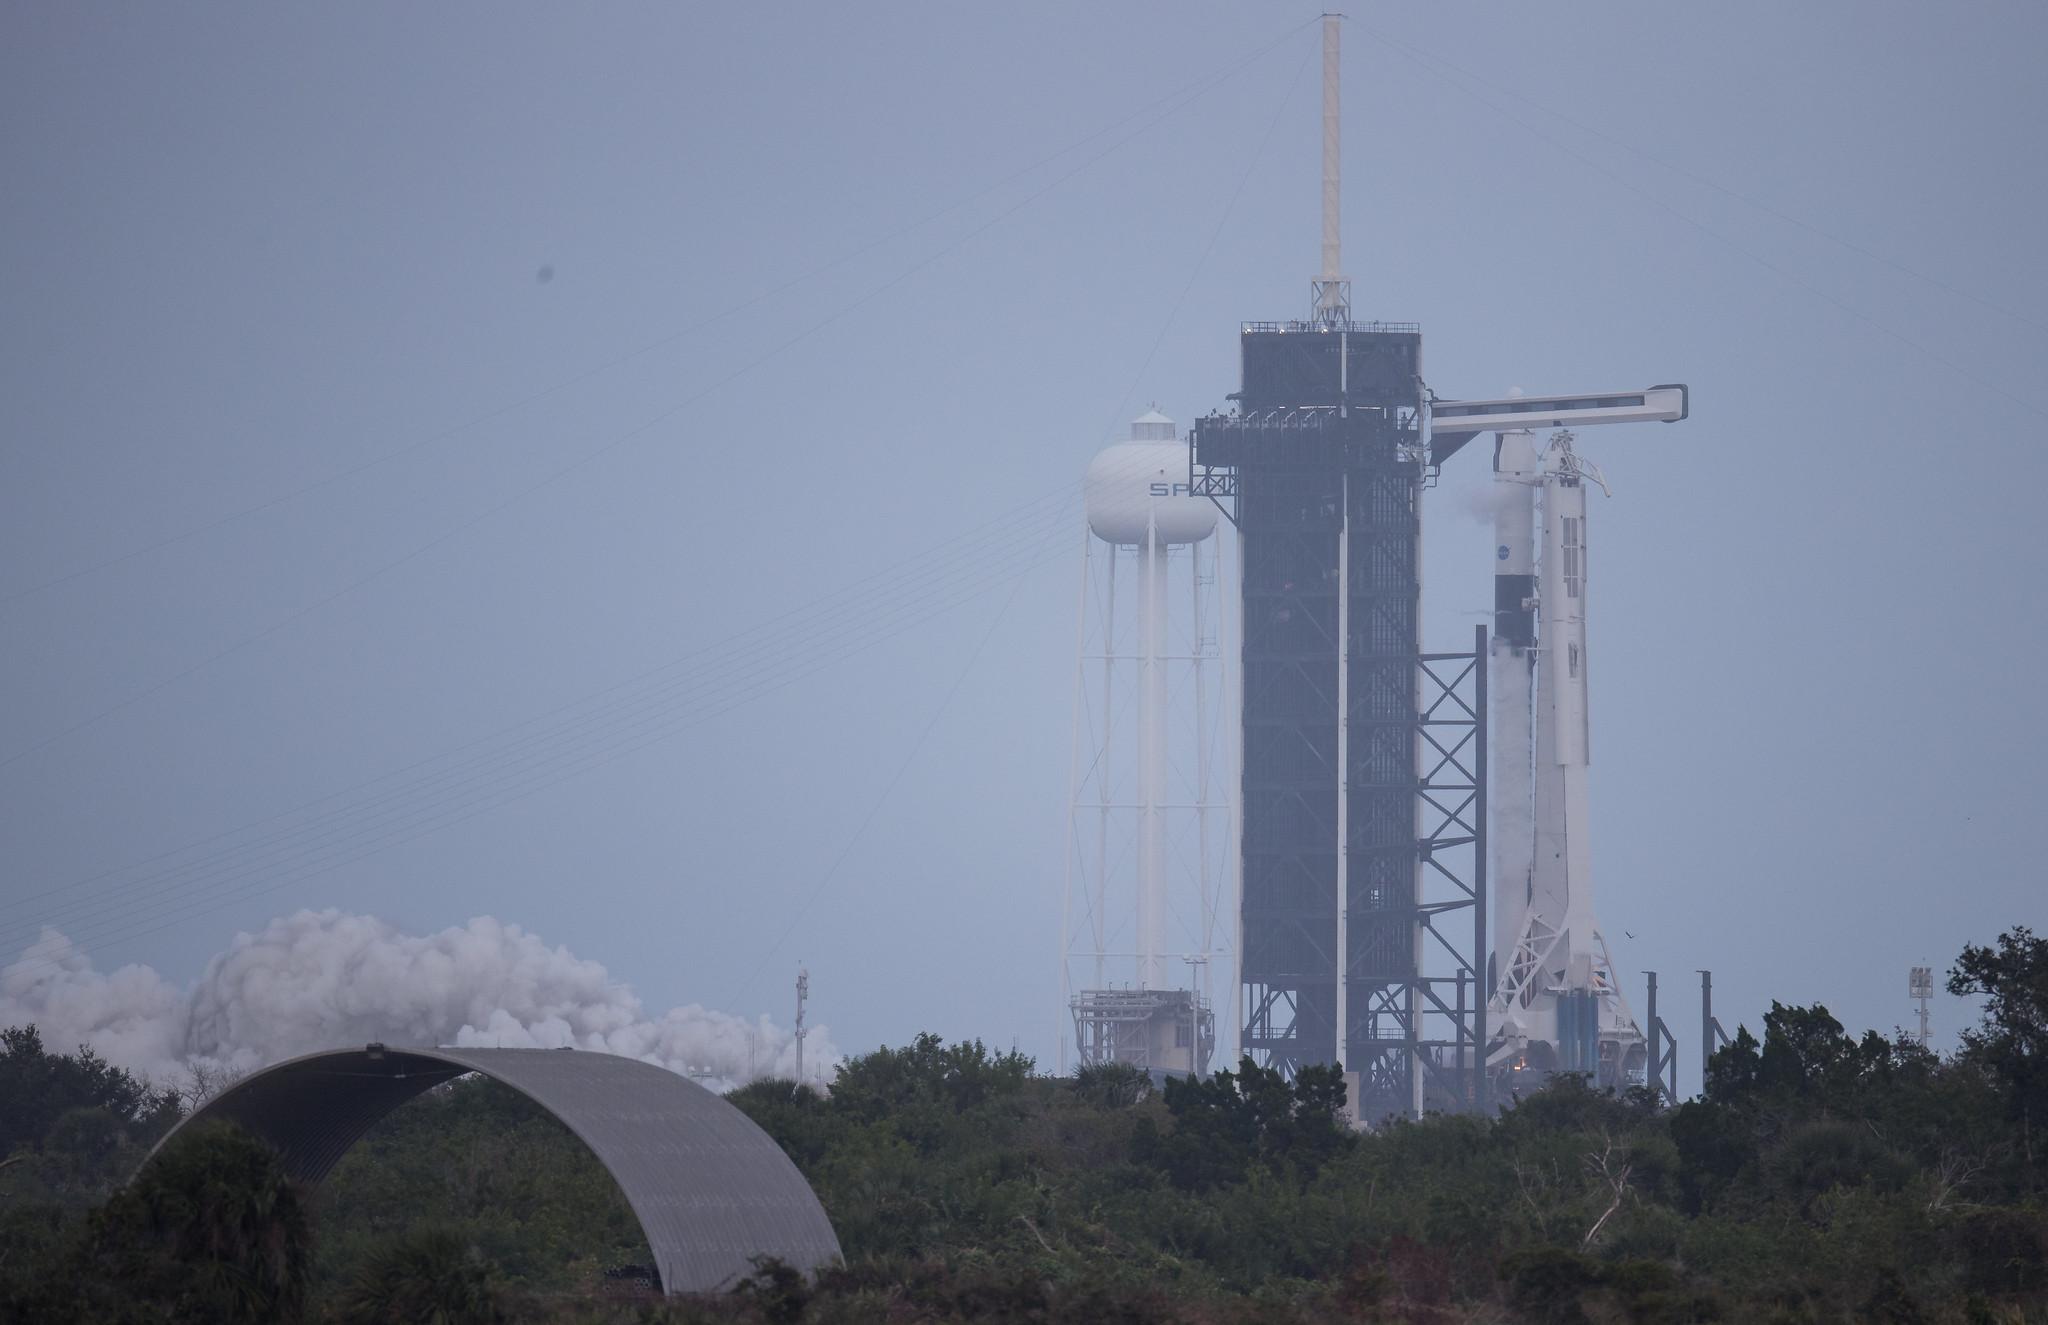 Un test de fusée SpaceX Falcon 9 déclenche brièvement ses moteurs de premier étage au sommet du Pad 39A du centre spatial Kennedy de la NASA à Cap Canaveral, en Floride, le 11 novembre 2020. La fusée lancera la mission d'astronaute Crew-1 pour la NASA le 14 novembre.